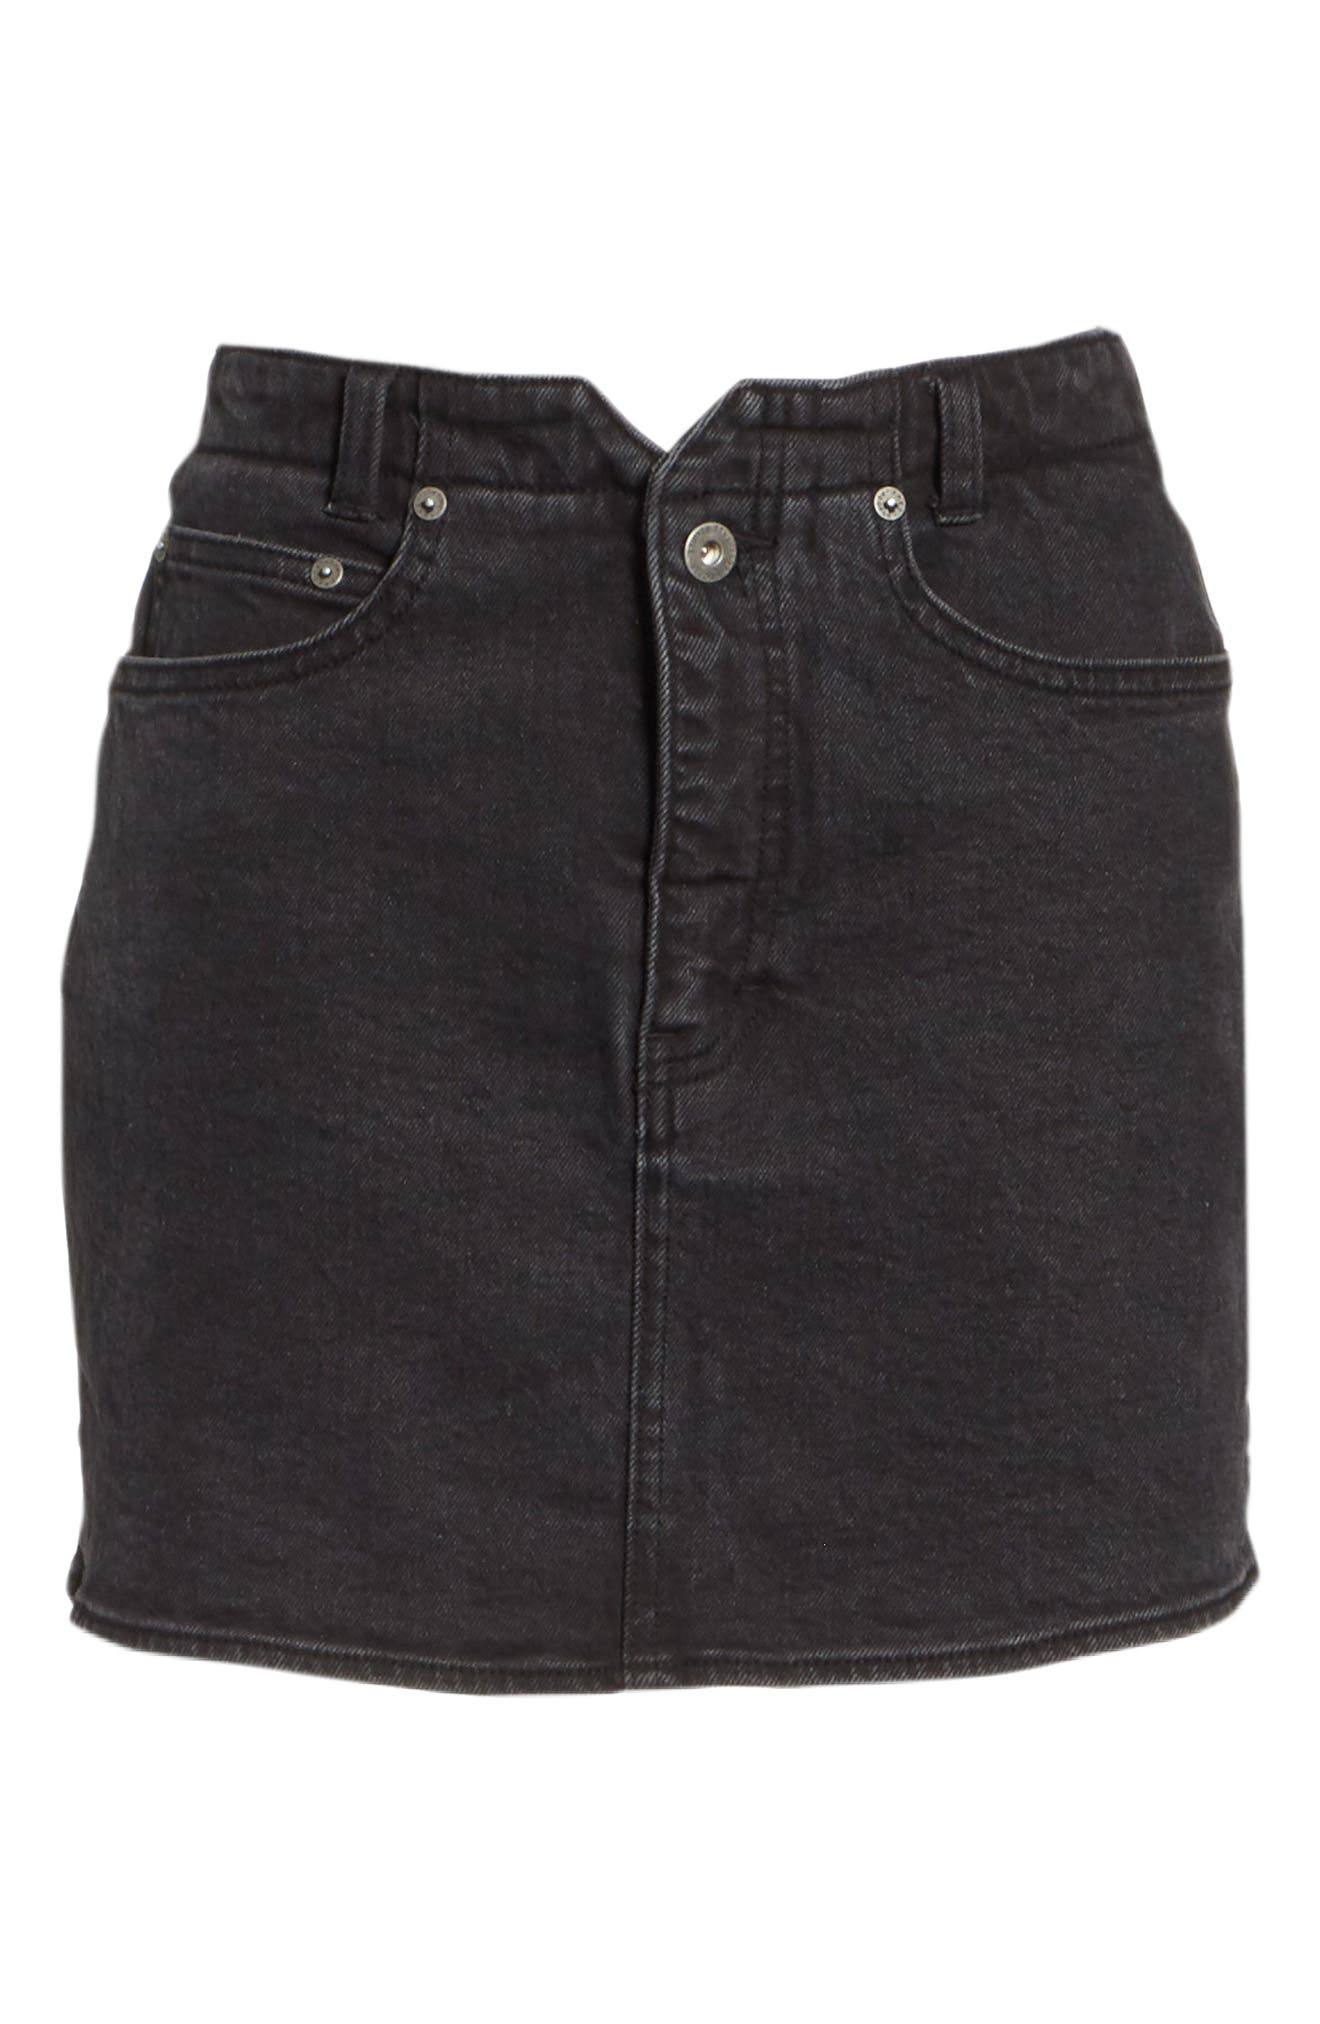 She's All That Denim Miniskirt,                             Alternate thumbnail 6, color,                             Black